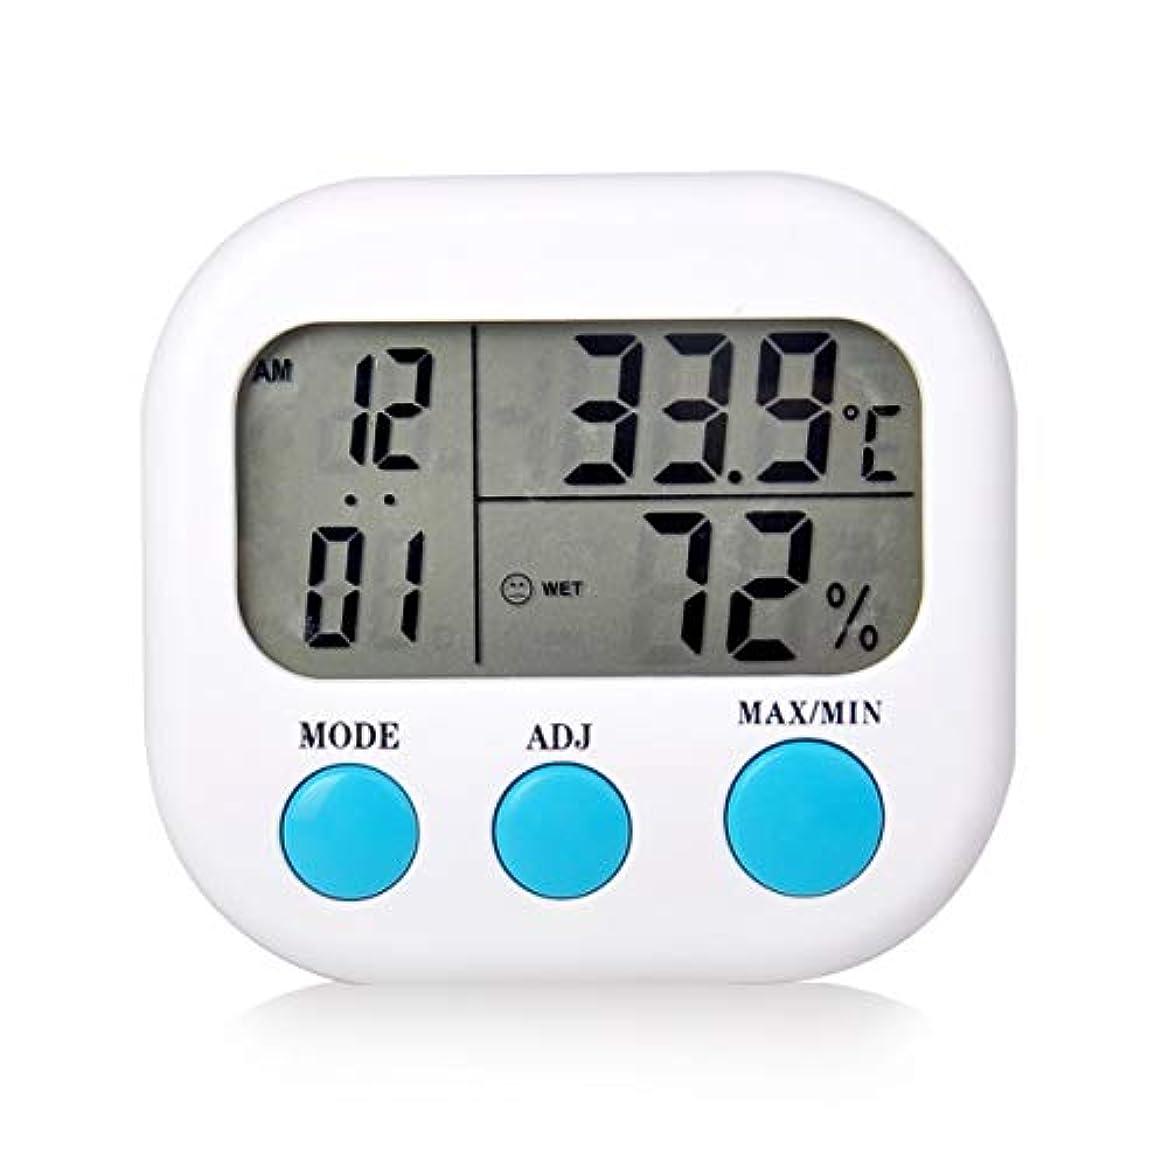 無実実現可能性競争力のあるSaikogoods 電子体温計湿度計 デジタルディスプレイ 温度湿度モニター アラーム時計 屋内家庭用 白